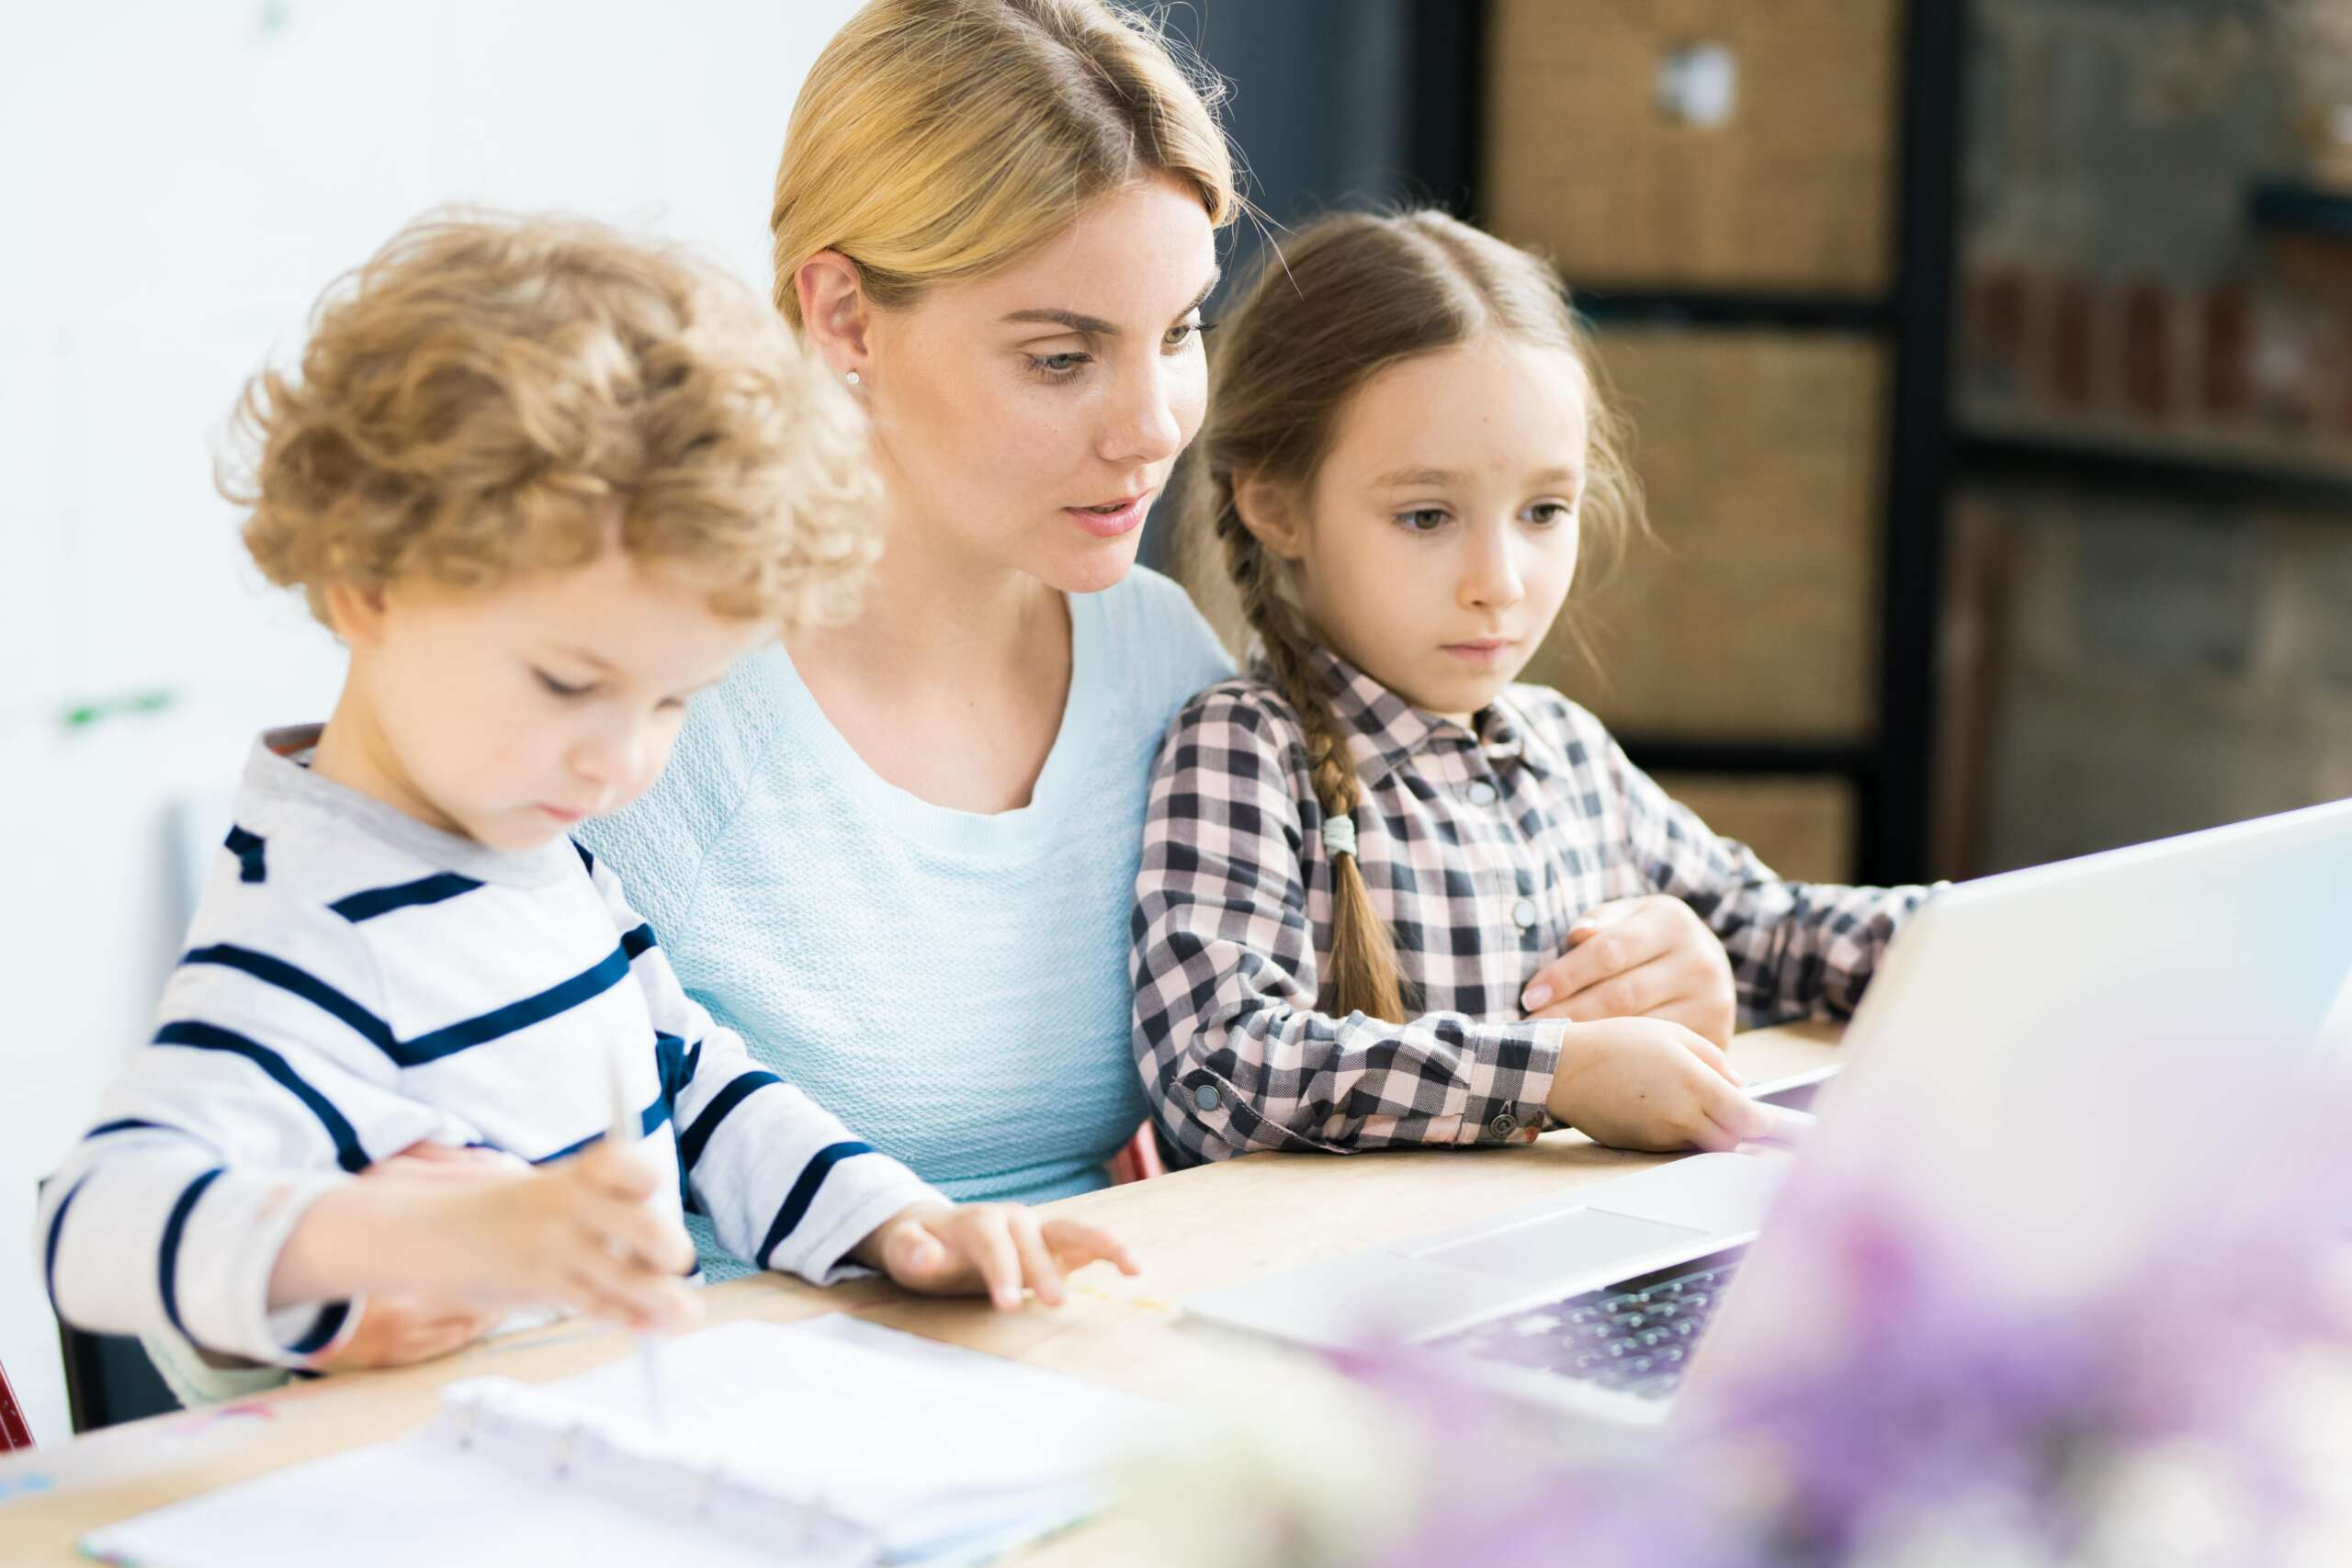 matka i dziecko odrabiają lekcje